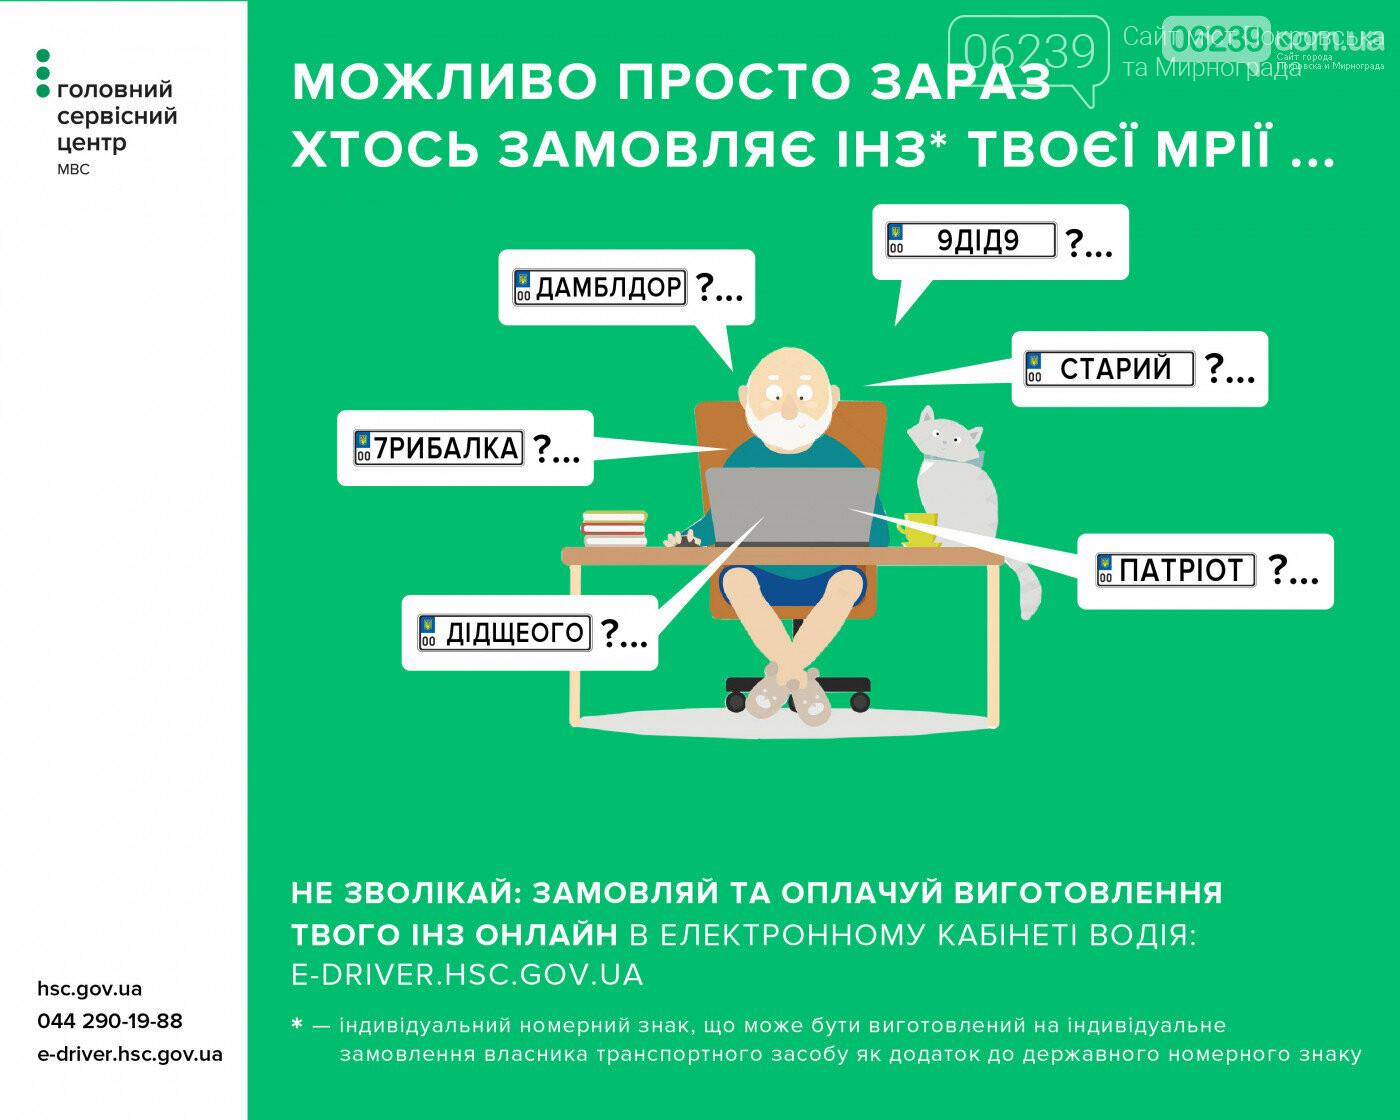 img82135cc185cadd804_5ccc2e625237e.jpg?t=1556885134597